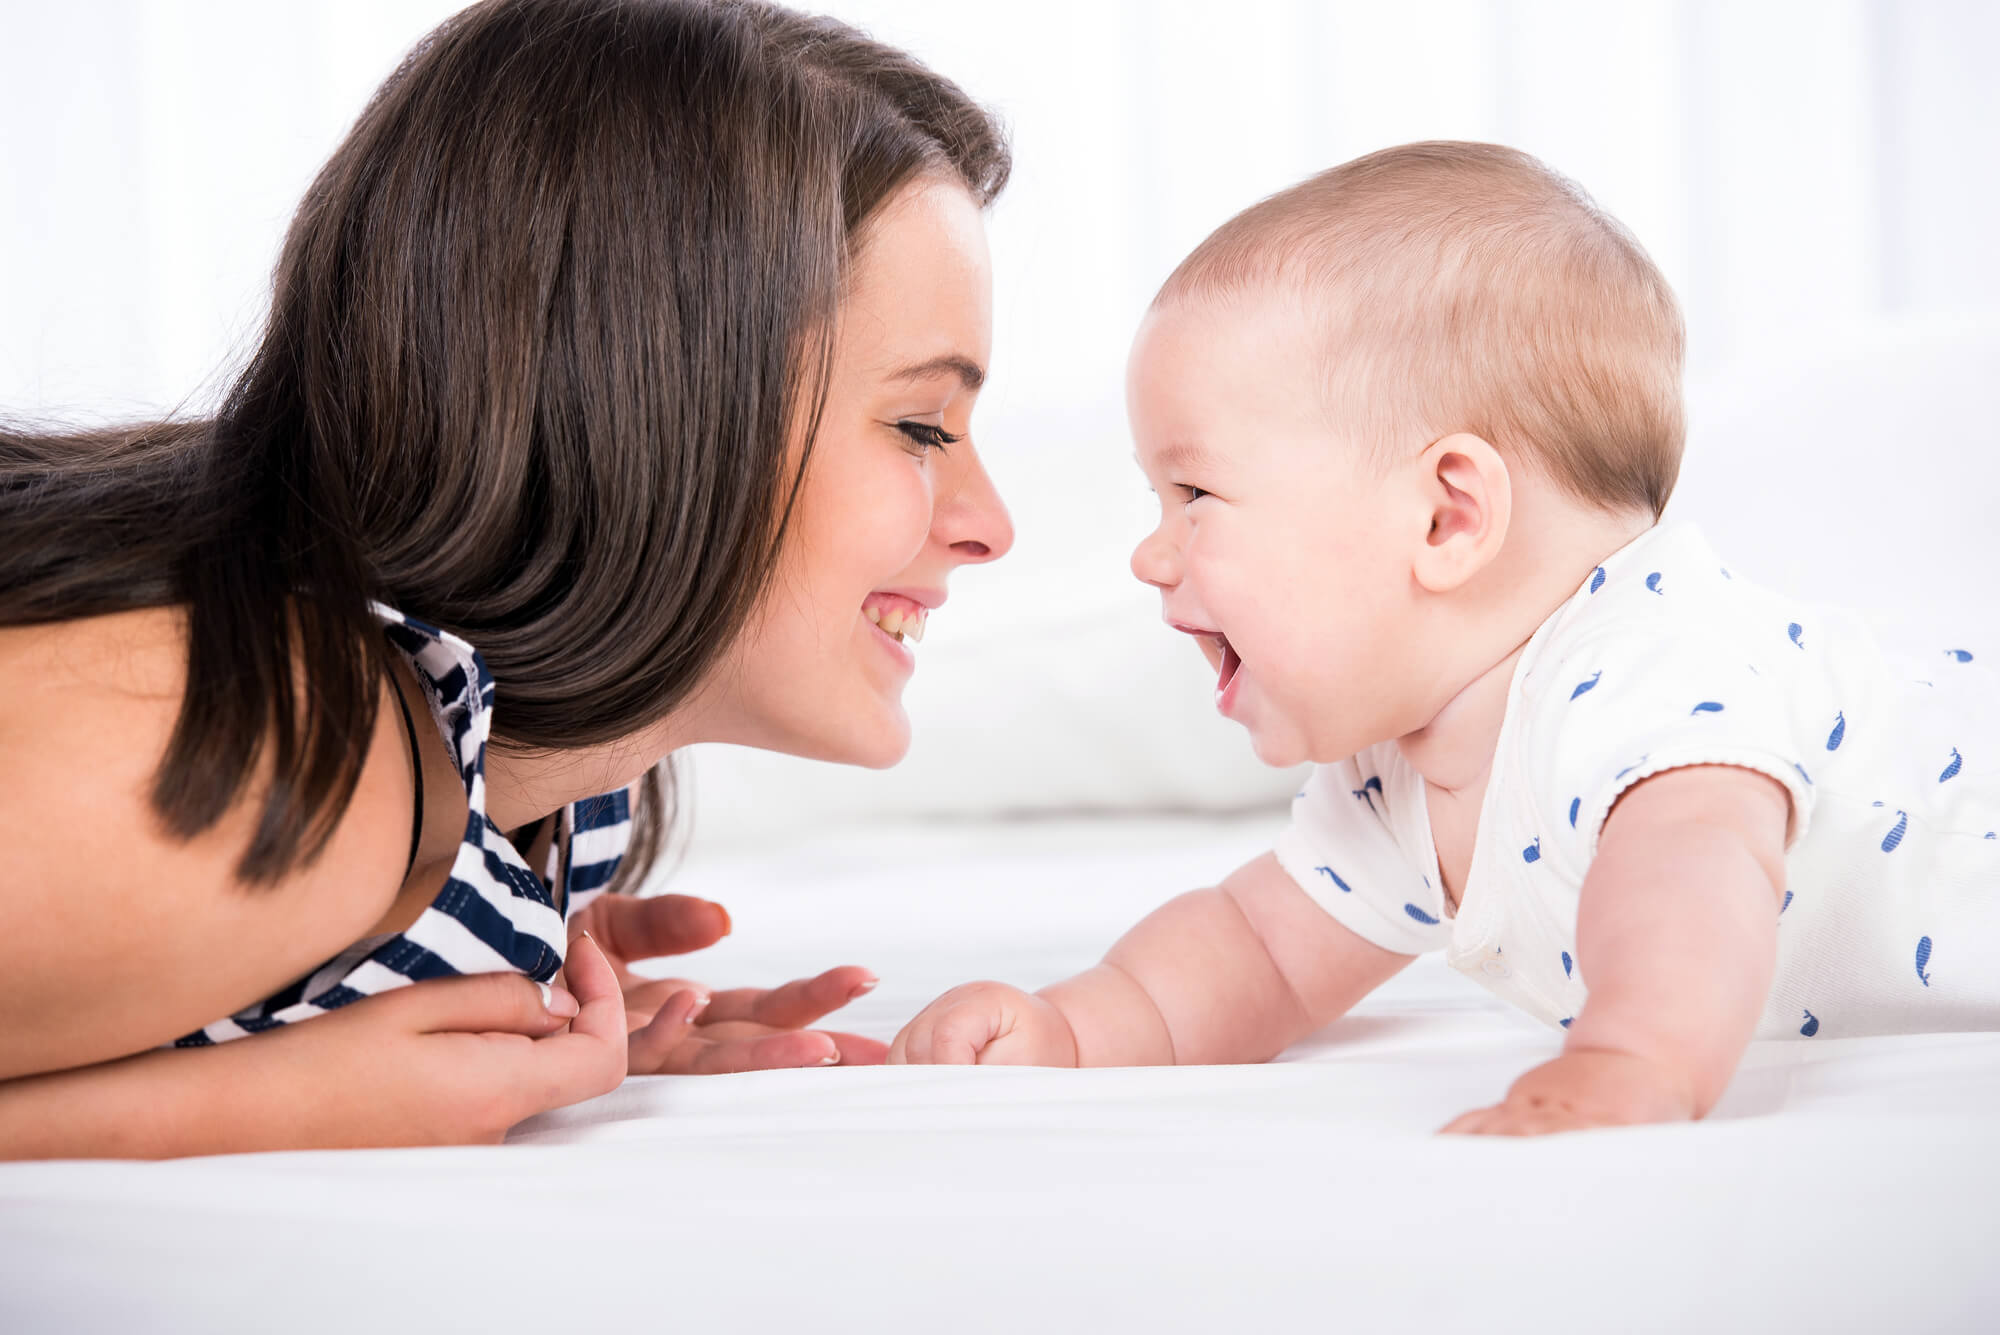 泰国试管婴儿能包生男孩吗?包生男孩可信吗?